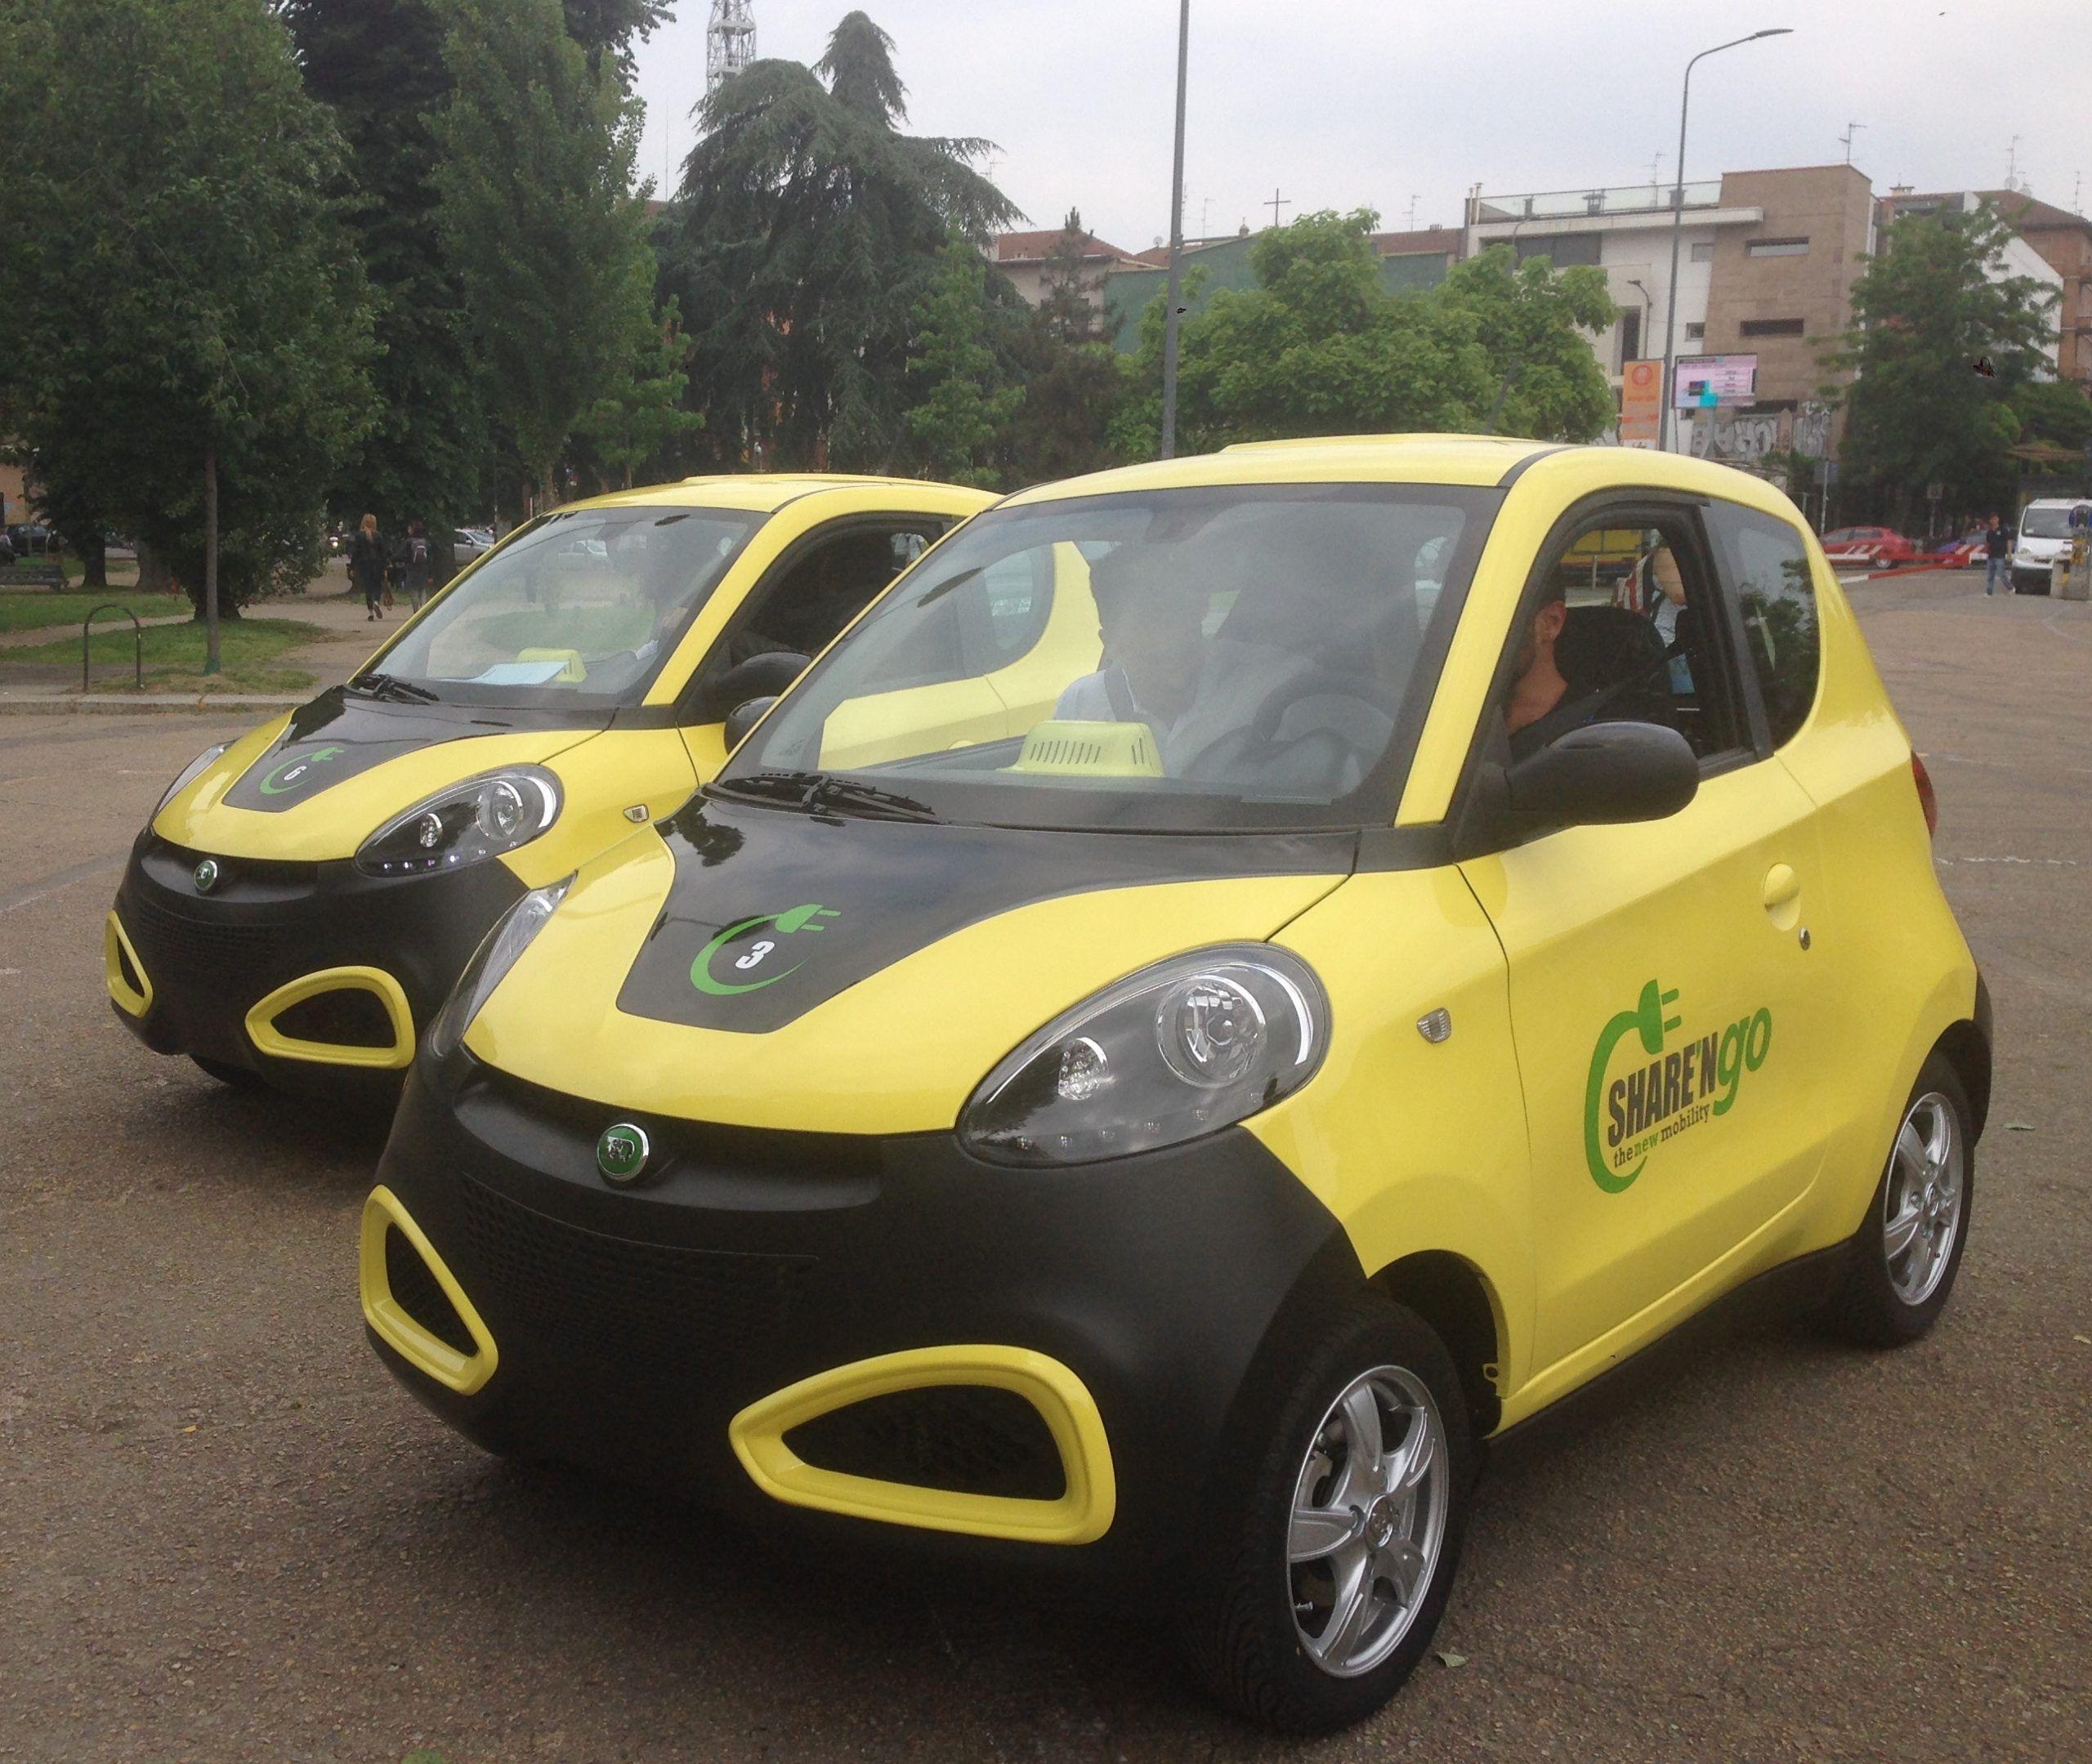 Share'ngo, il nuovo car sharing elettrico e democratico